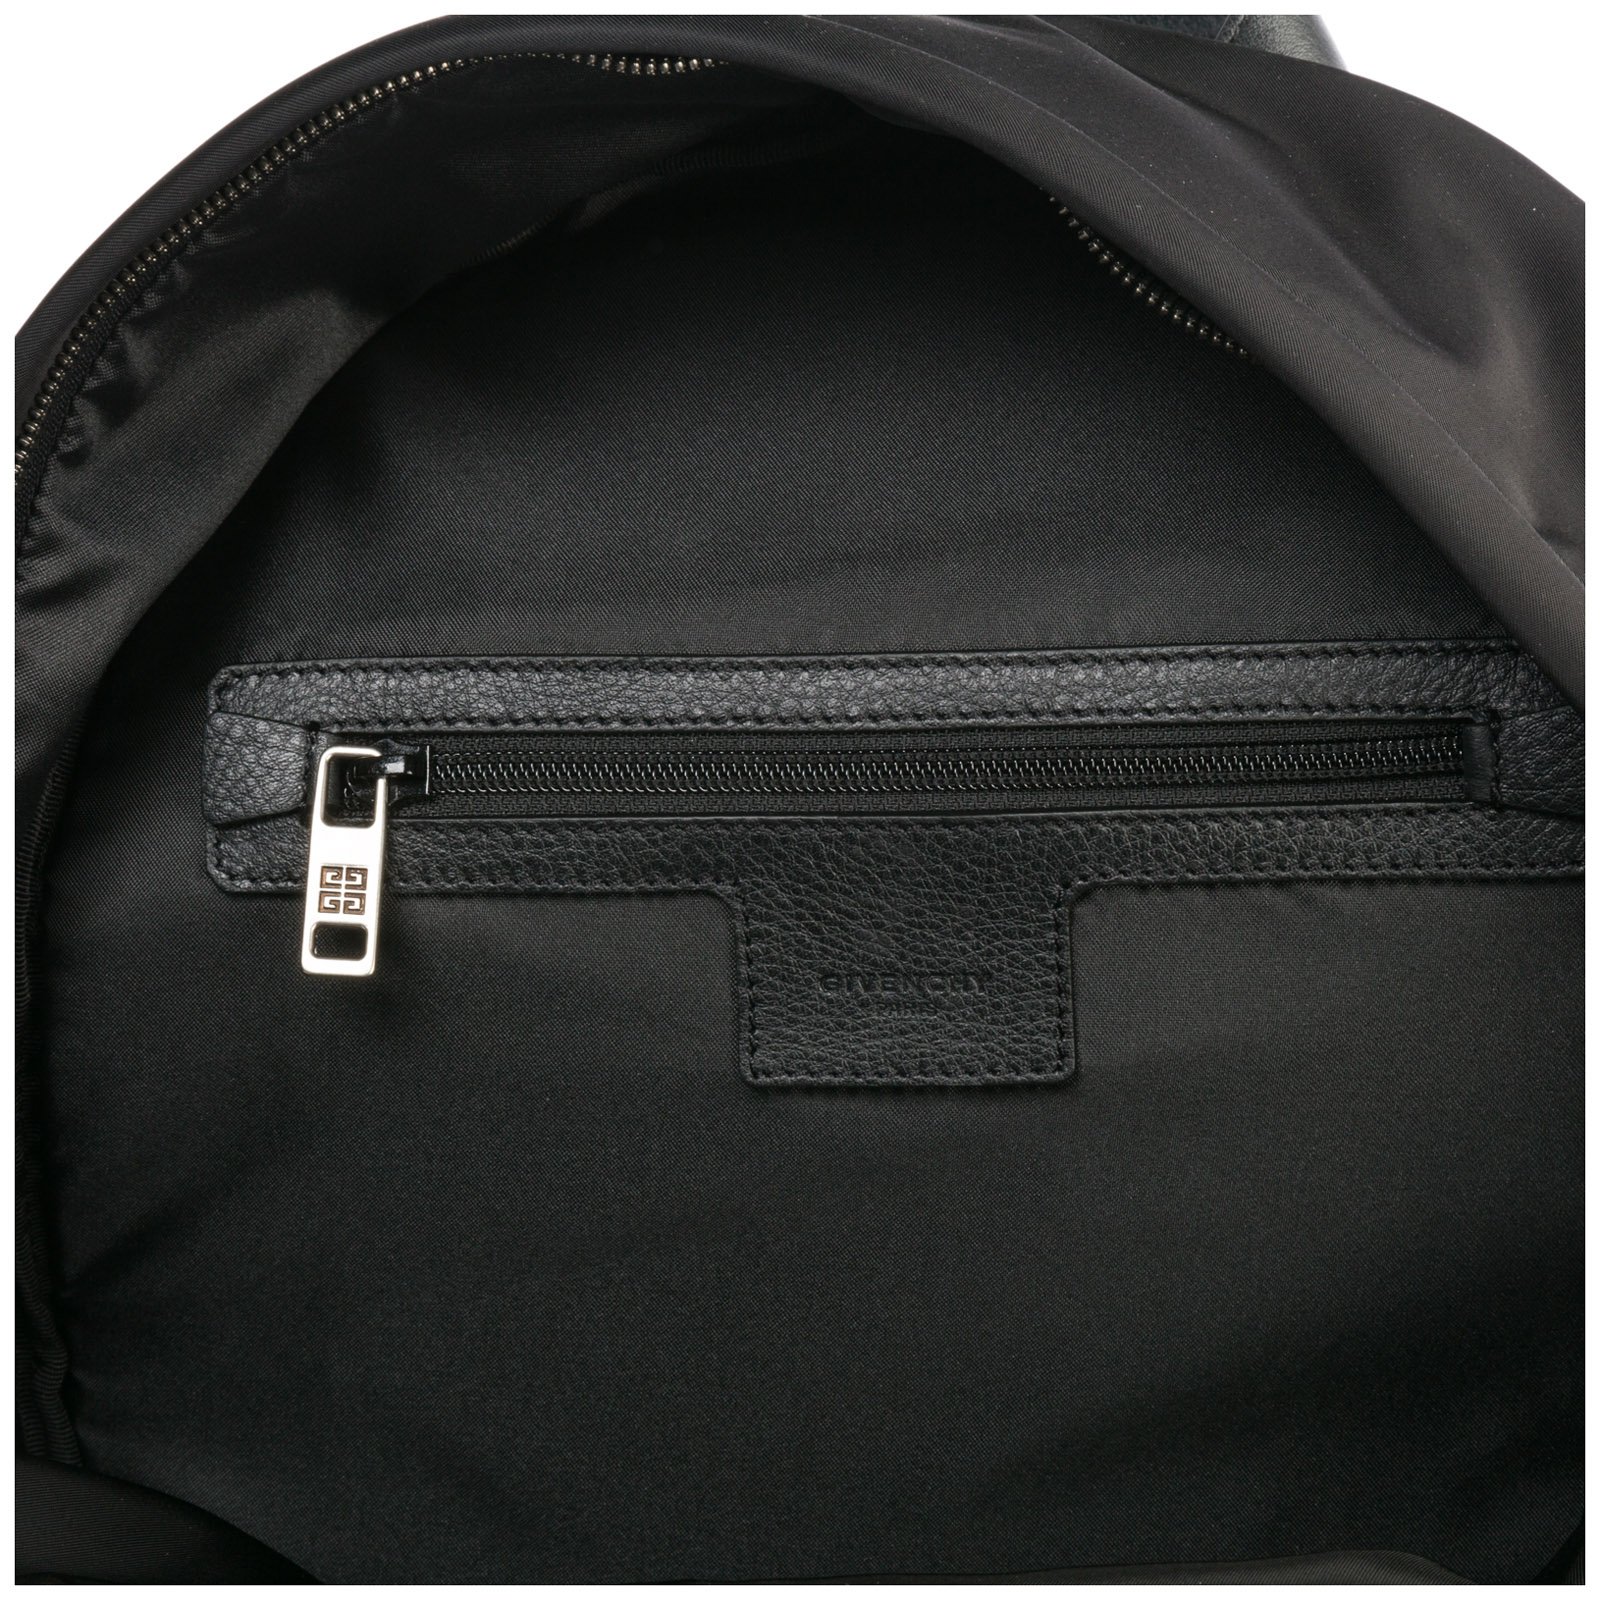 economico per lo sconto 24721 0e739 Zaino Givenchy paris bk500jk0ak-004 nero | FRMODA.com